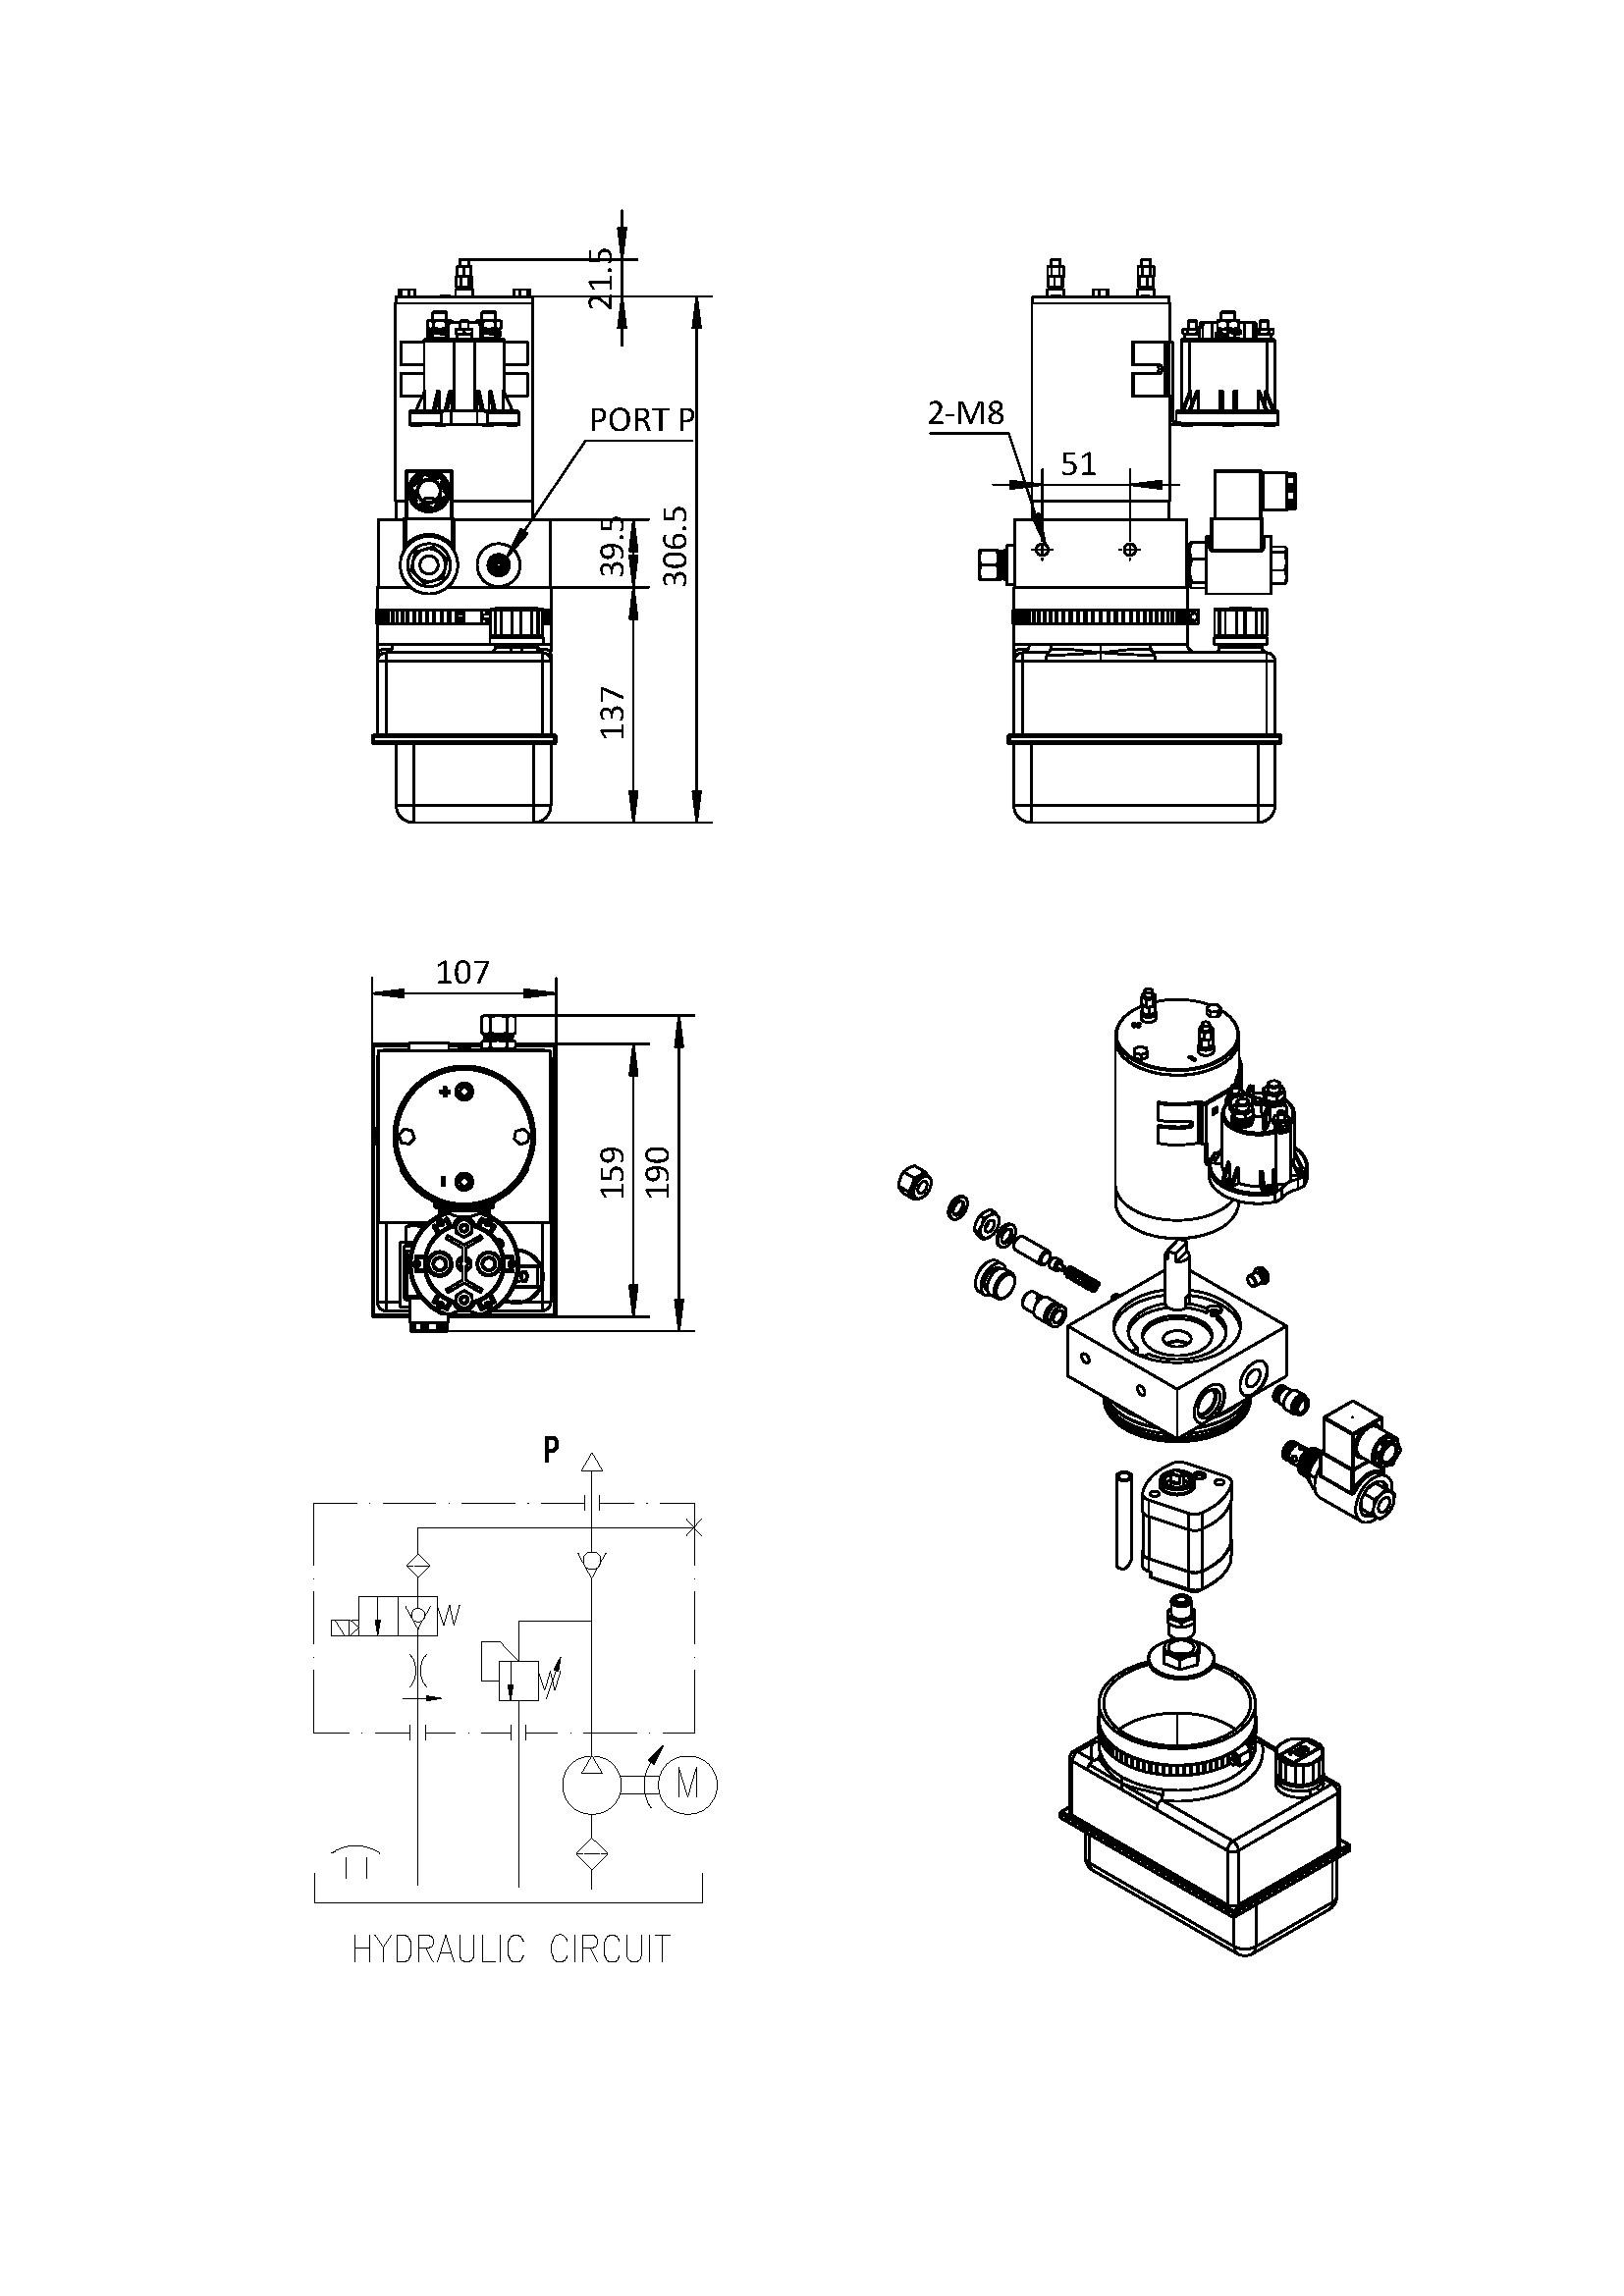 12v Hydraulic Pump Wiring Diagram